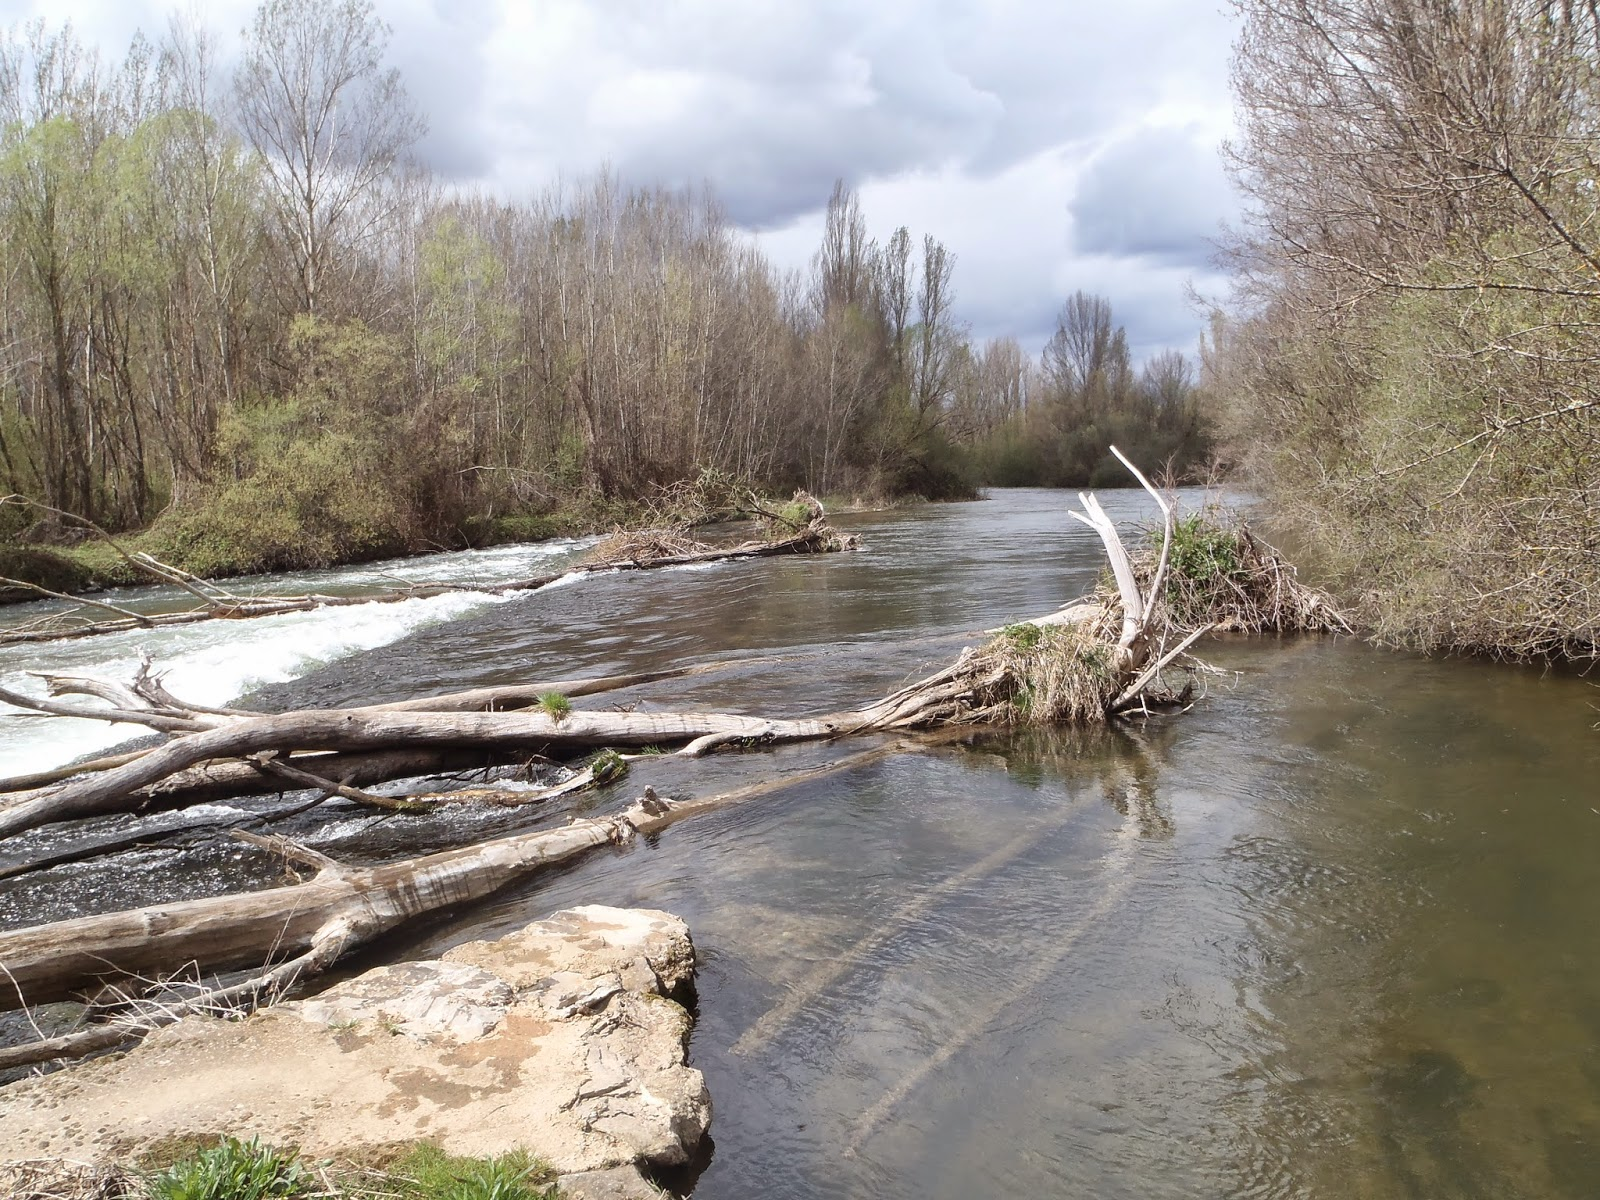 Río Porma, pescar con 20,20m3/s